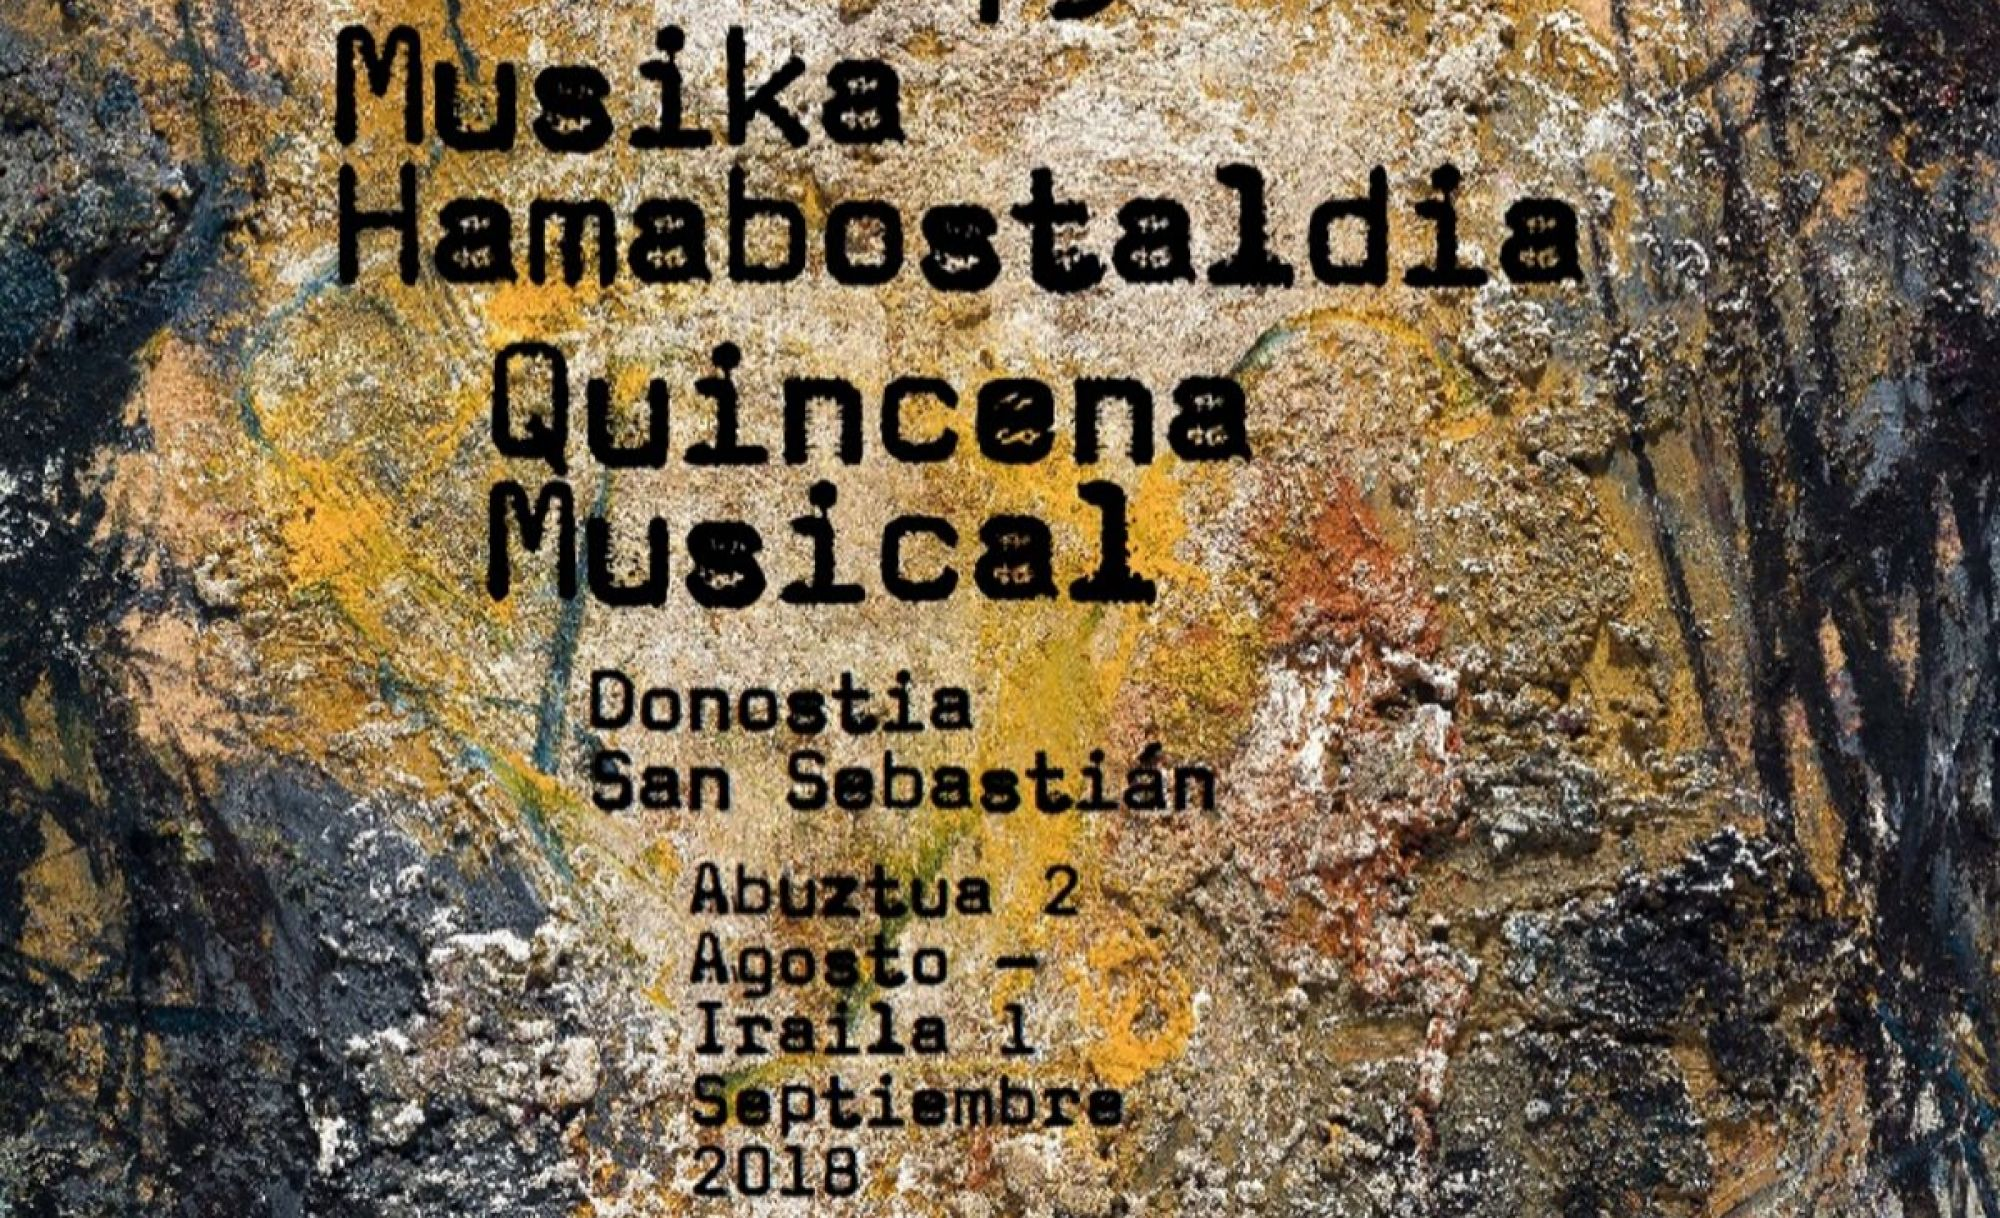 Donostia_Musika  Quincena Musical Donostia_.Png